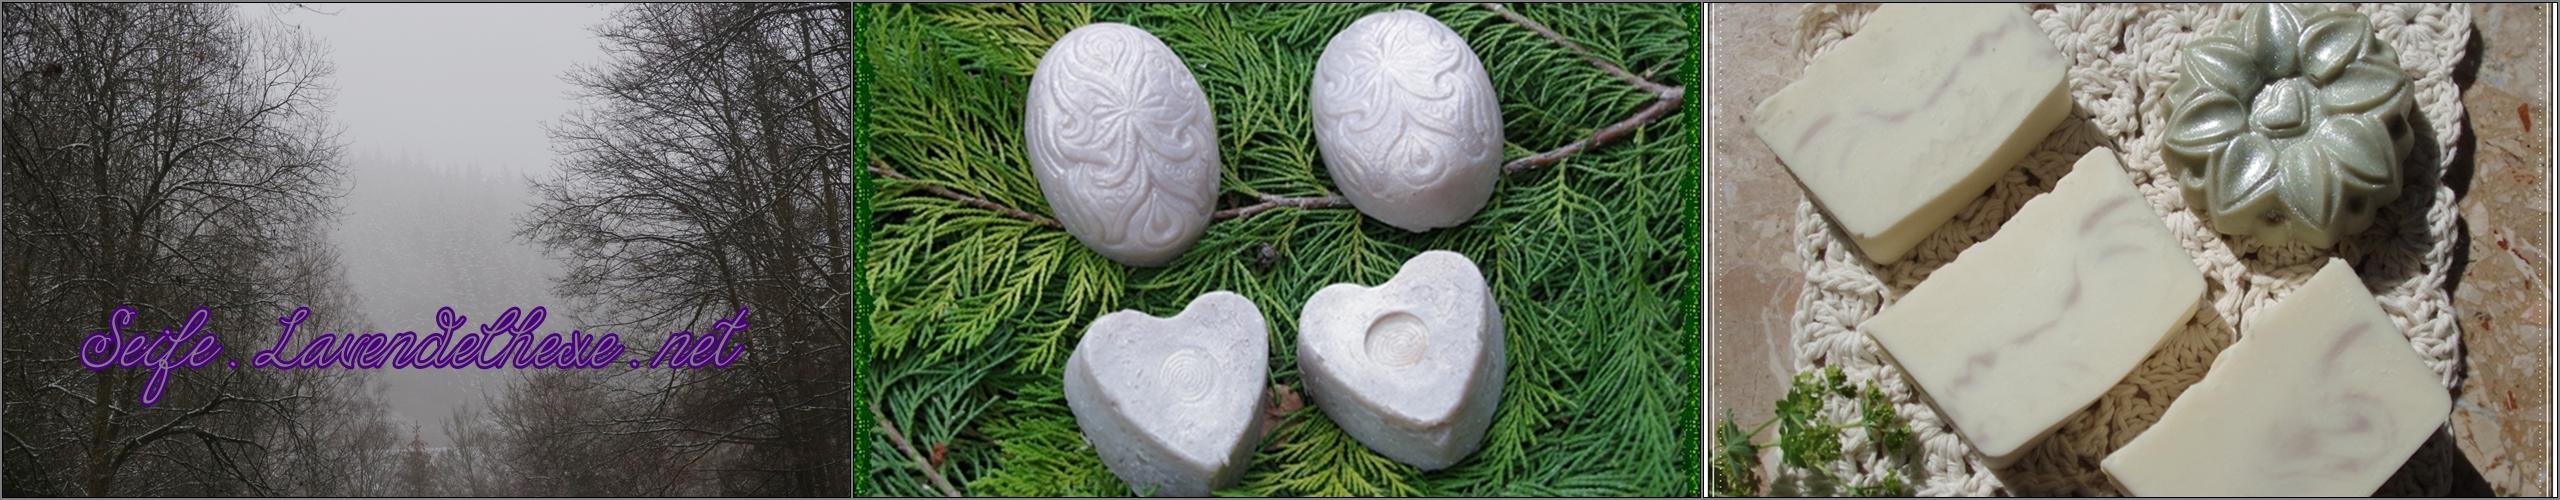 Lavendelhexes Seifenblog